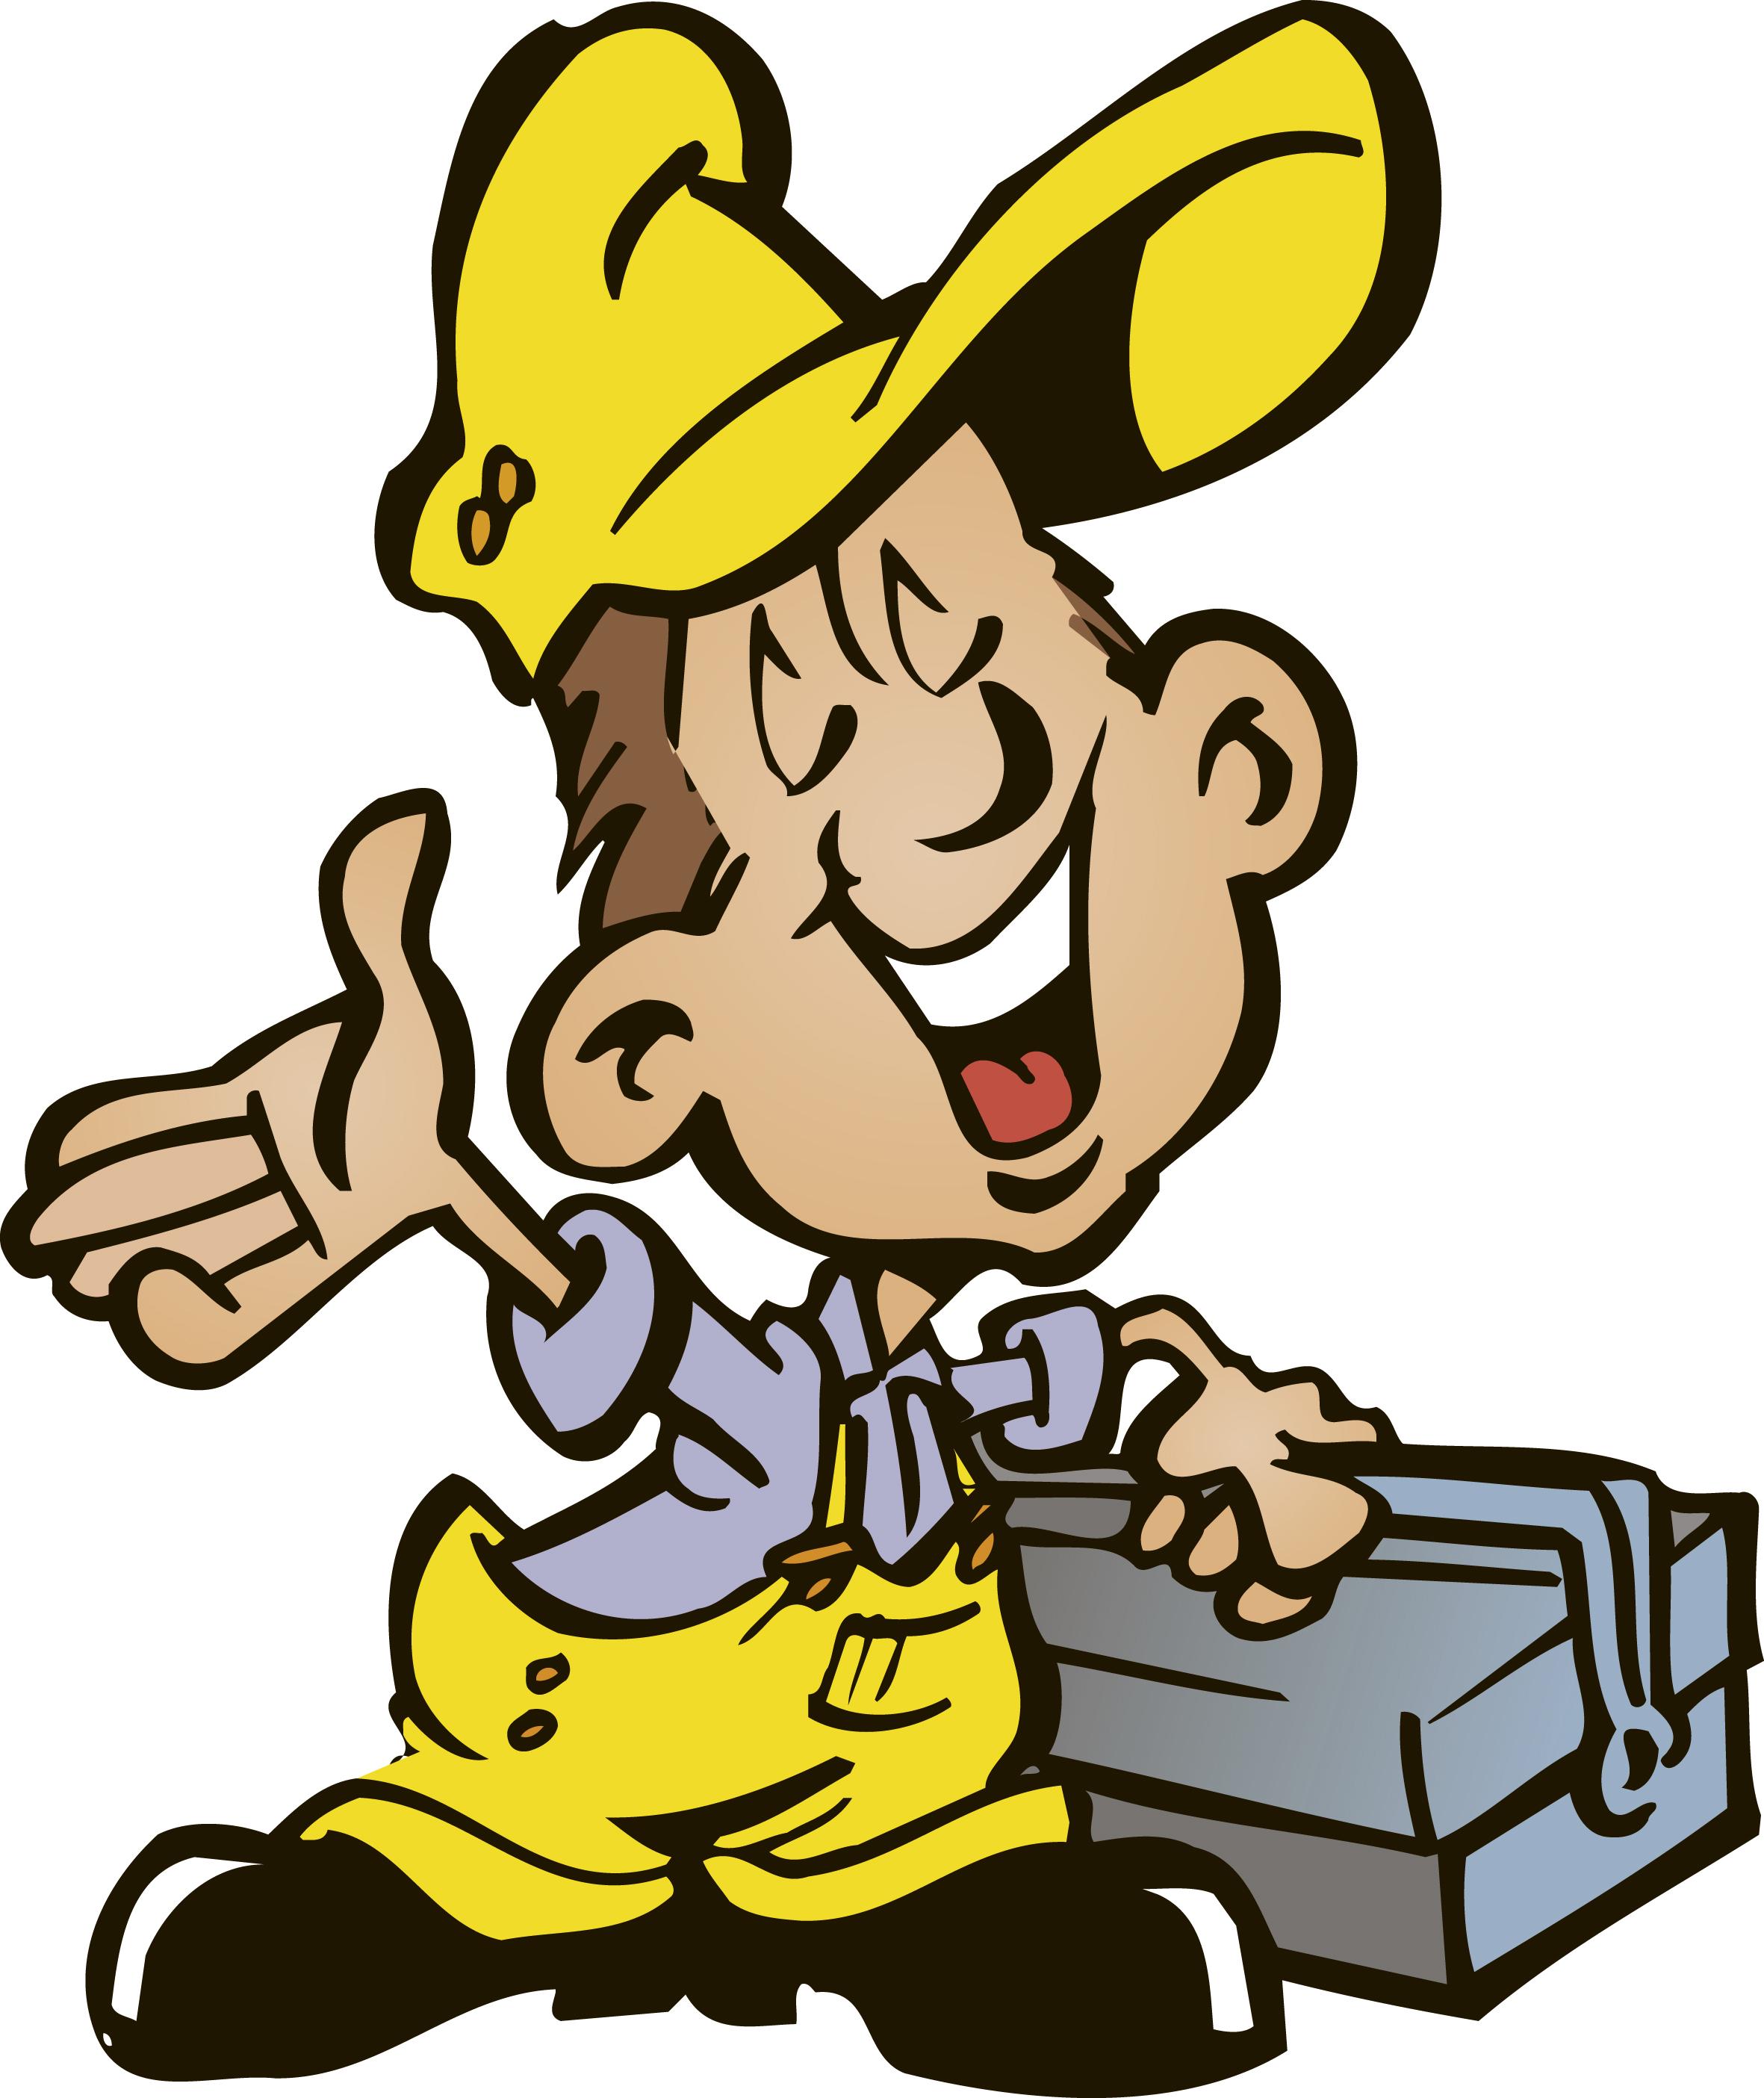 animiertes-handwerker-heimwerker-bild-0002